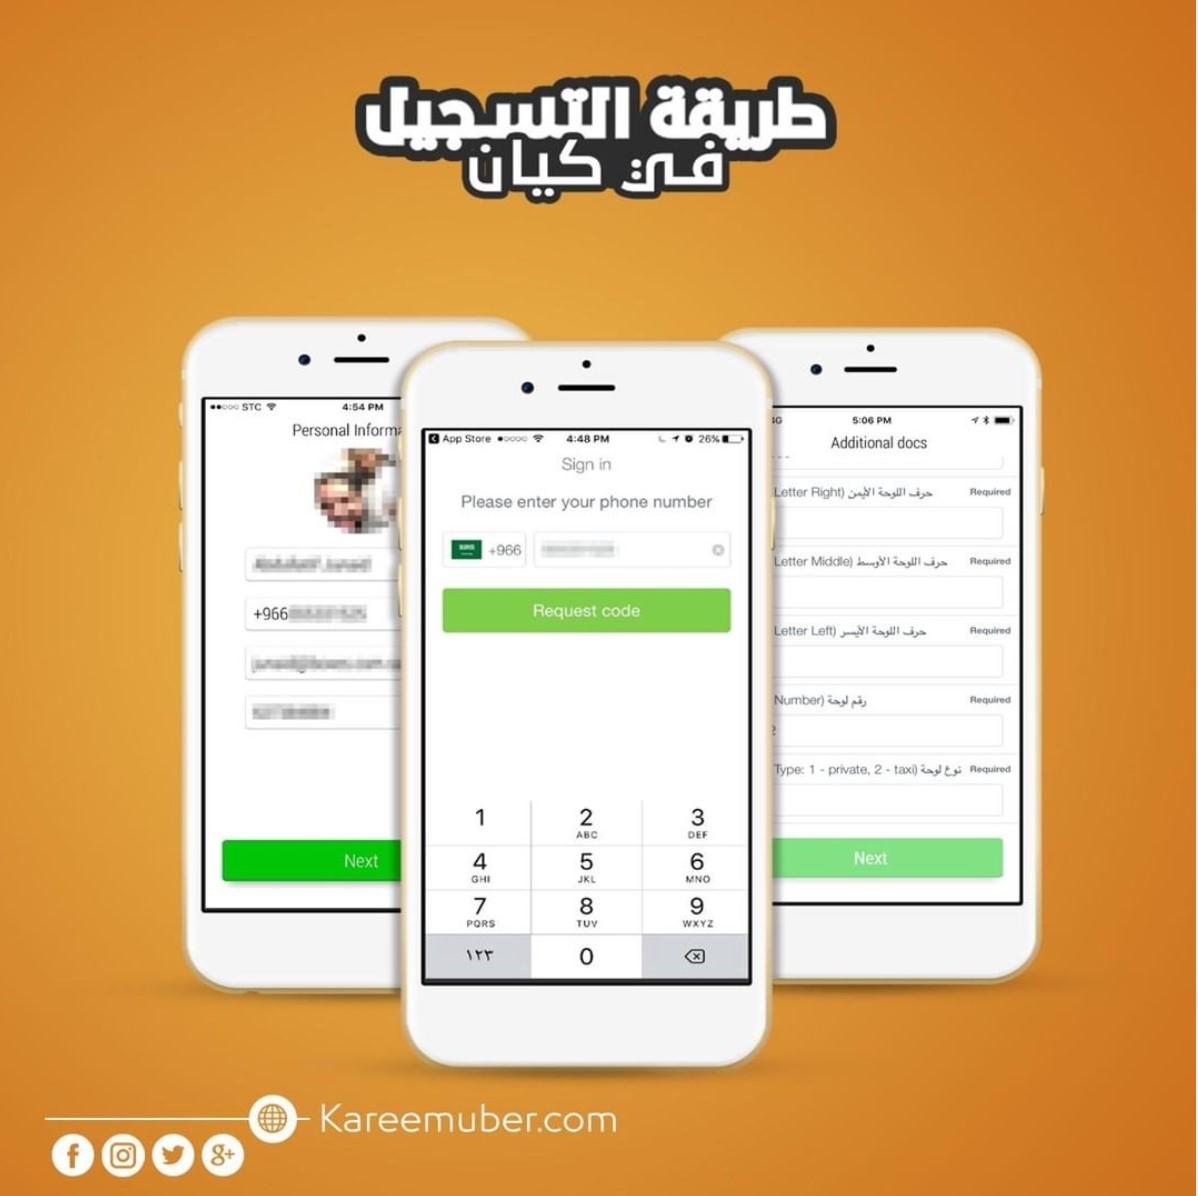 رقم كيان تكسي الموحد في السعودية